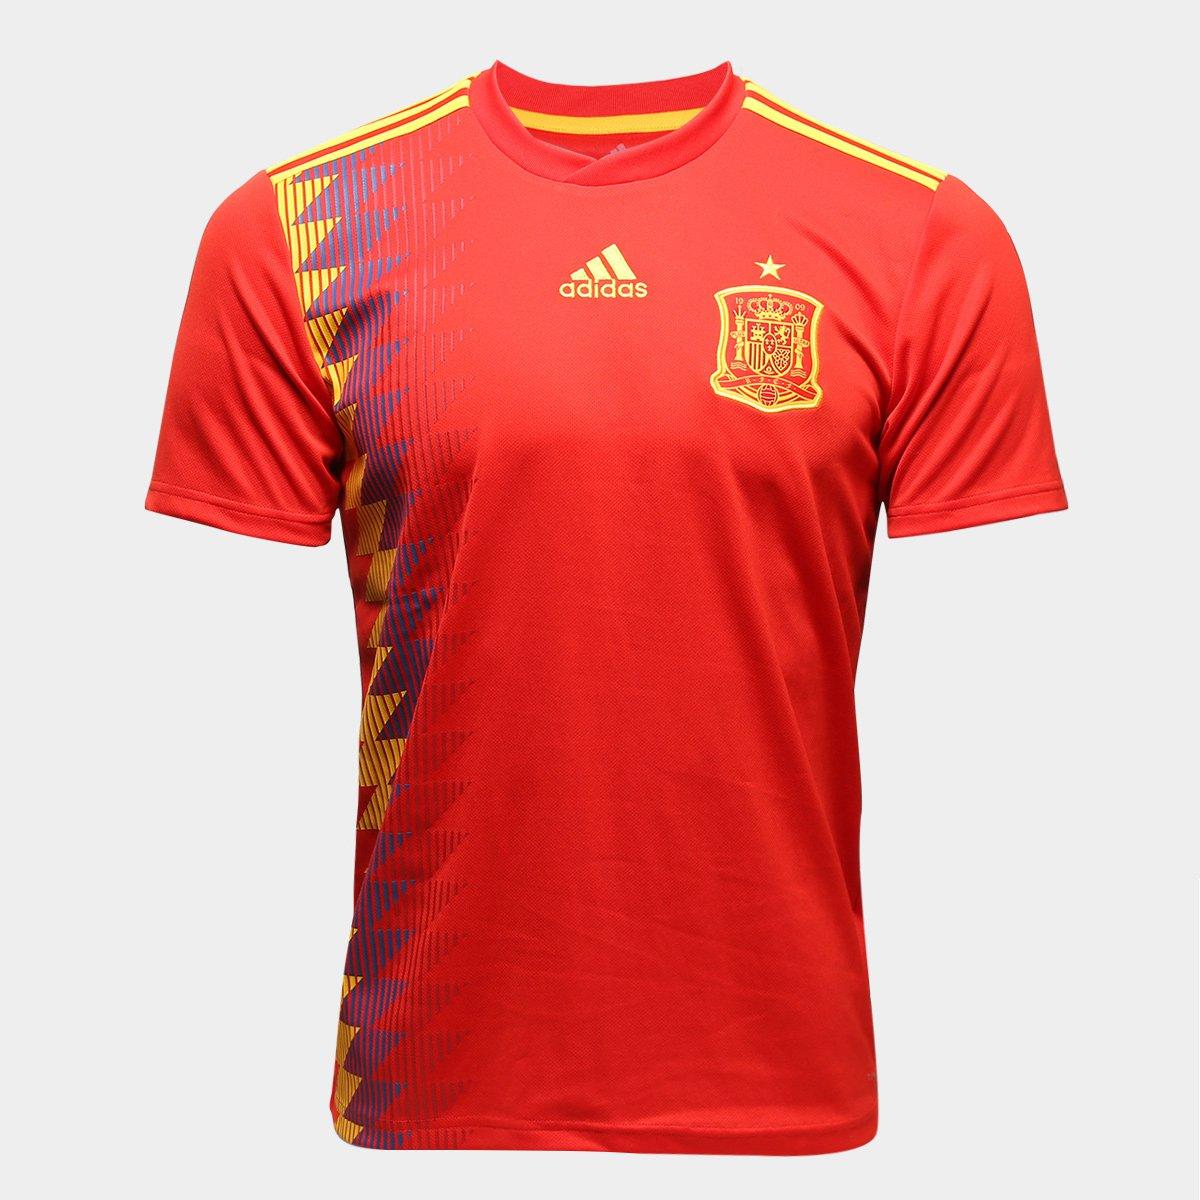 ... Camisa Seleção Espanha Home 2018 n° 19 Diego Costa - Torcedor Adidas  Masculina ... 0cab17f13c55c